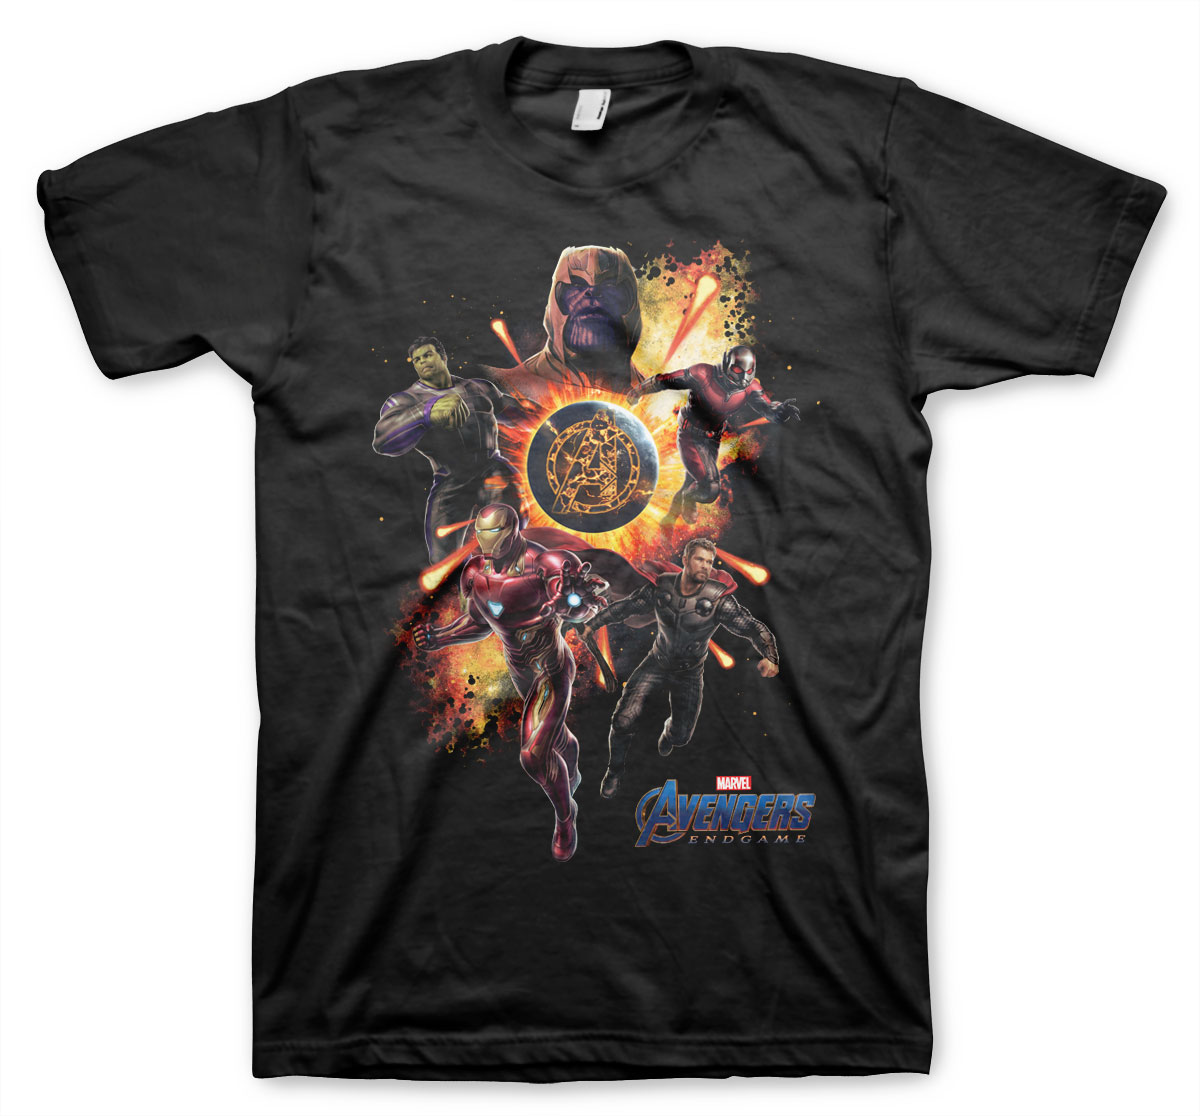 avengers-thanos-endgame-t-shirt